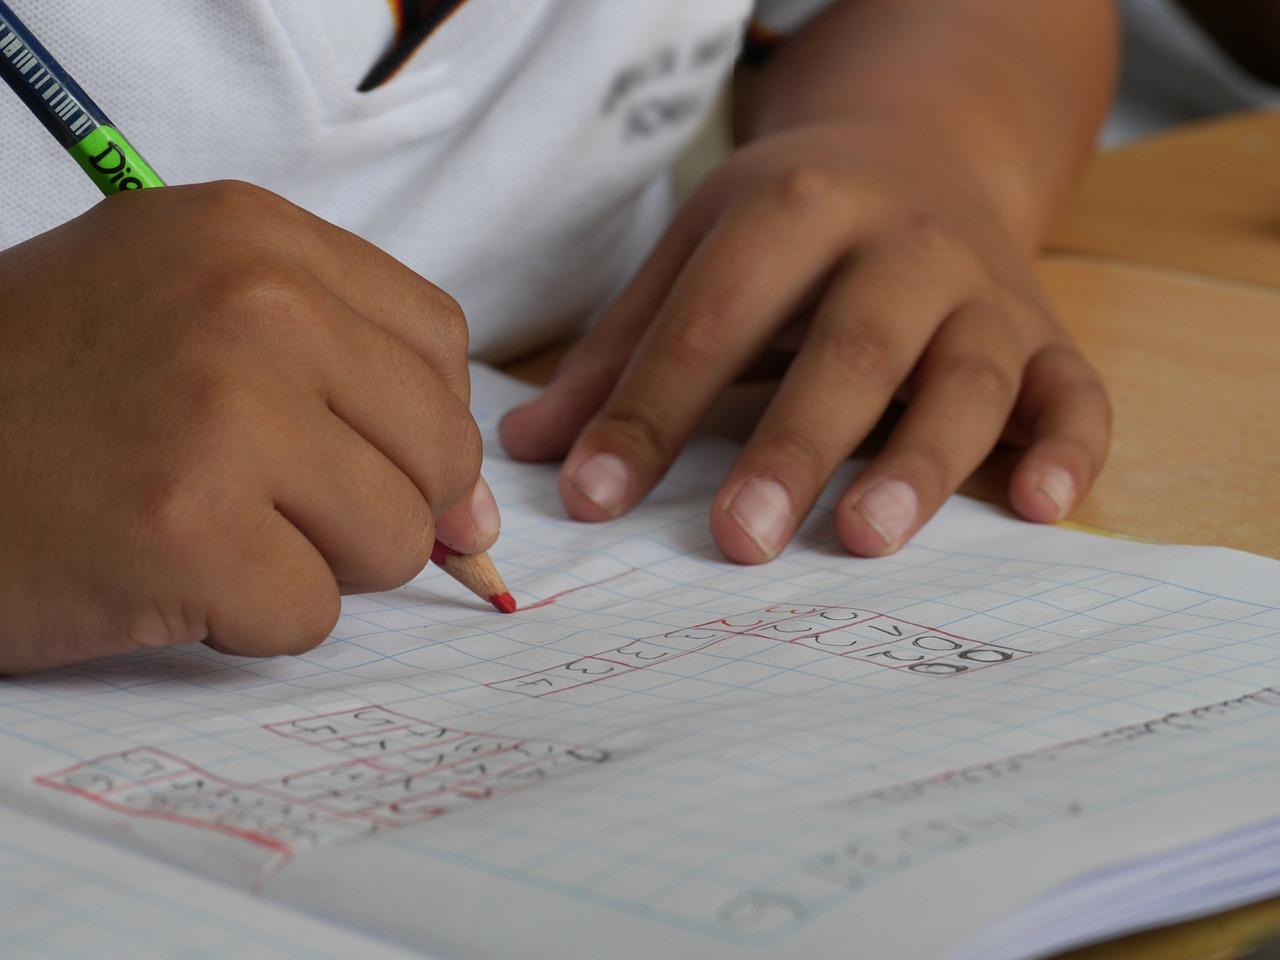 DESENVOLVIMENTO INFANTIL – Dos 7 aos 12 anos: tempo de grandes mudanças